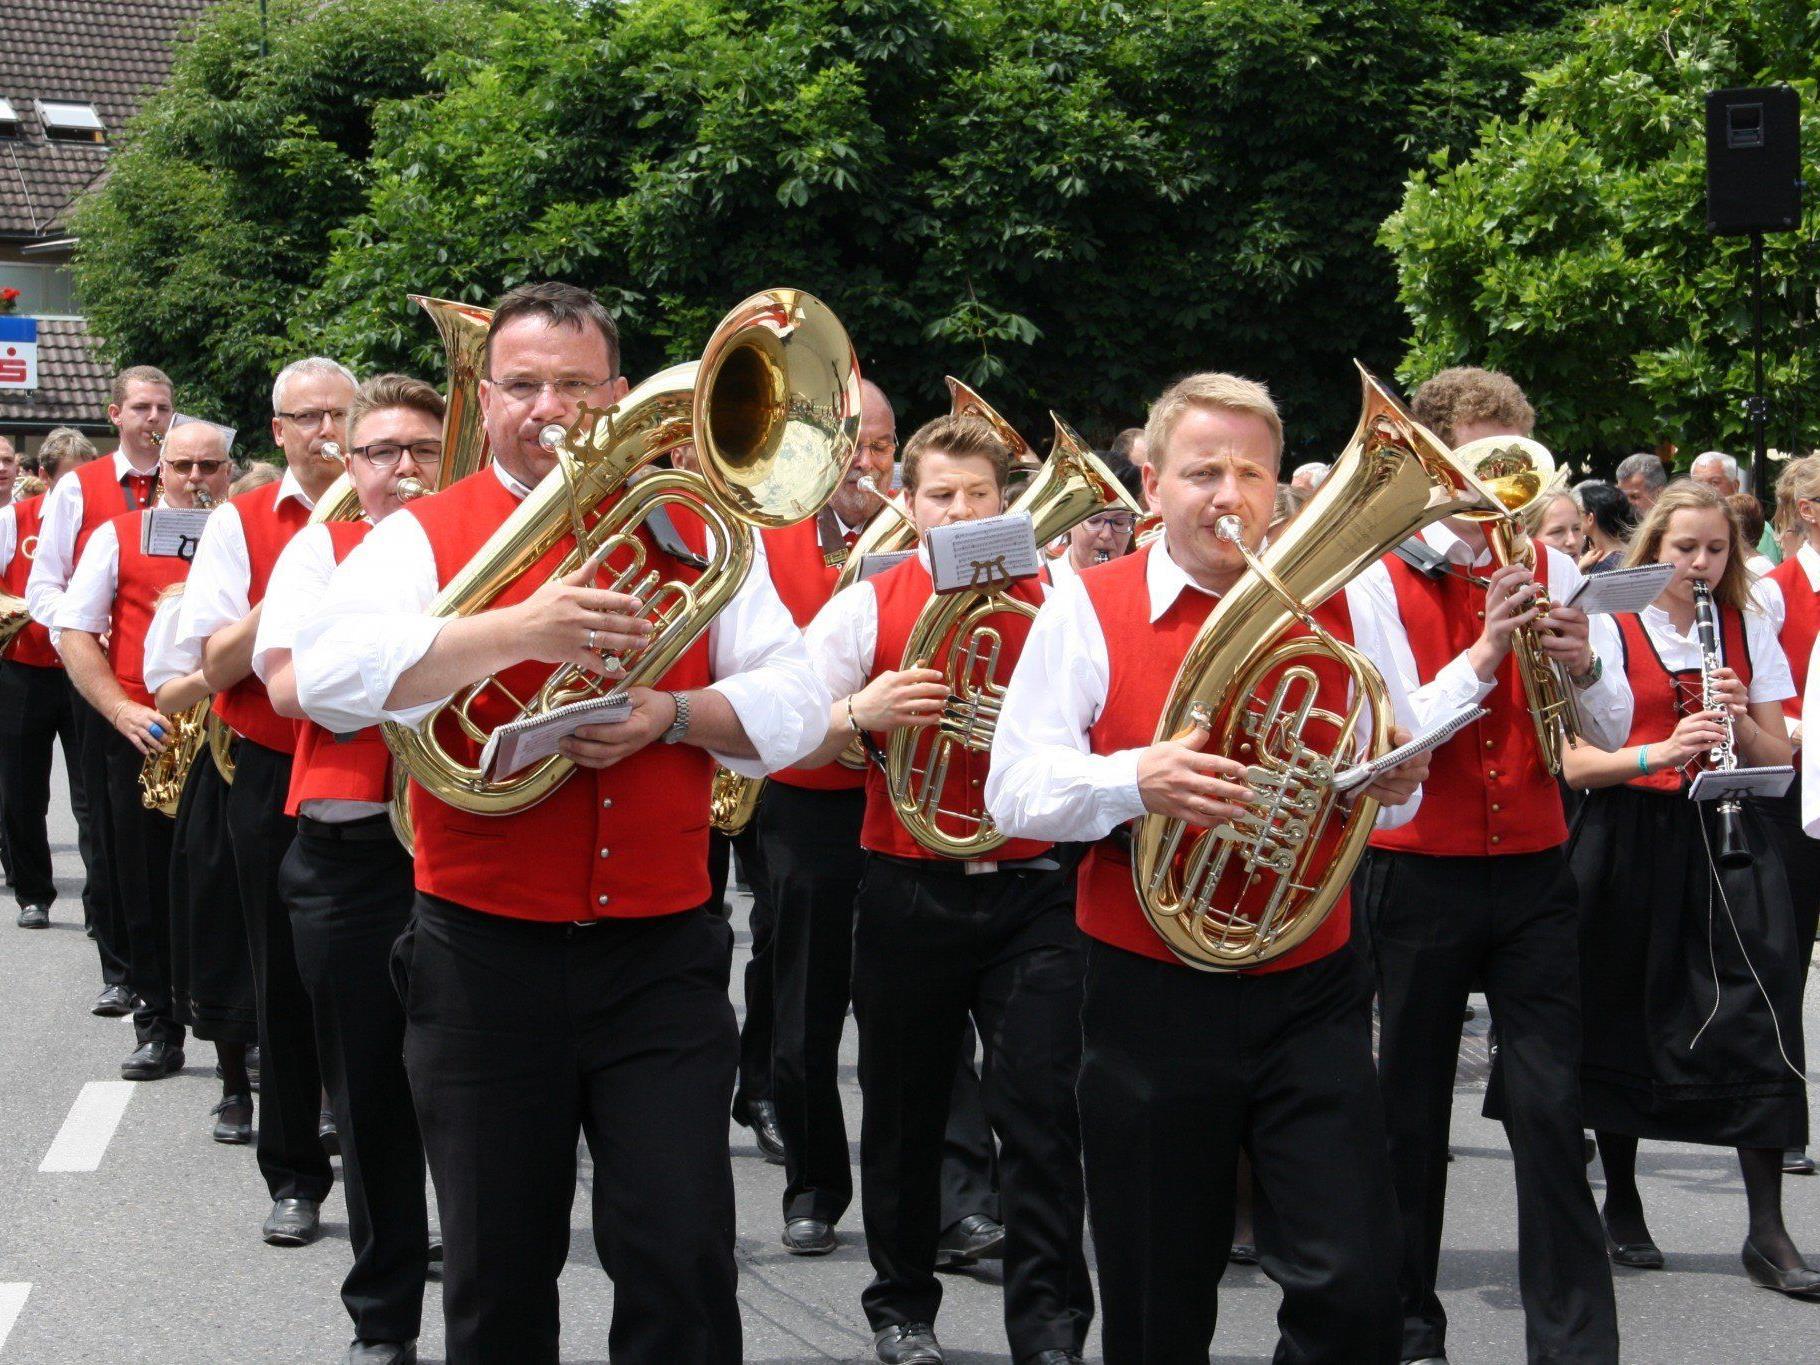 Riesen Bezirksmusikfest in Rankweil, mit drei Tagen mega Stimmung.